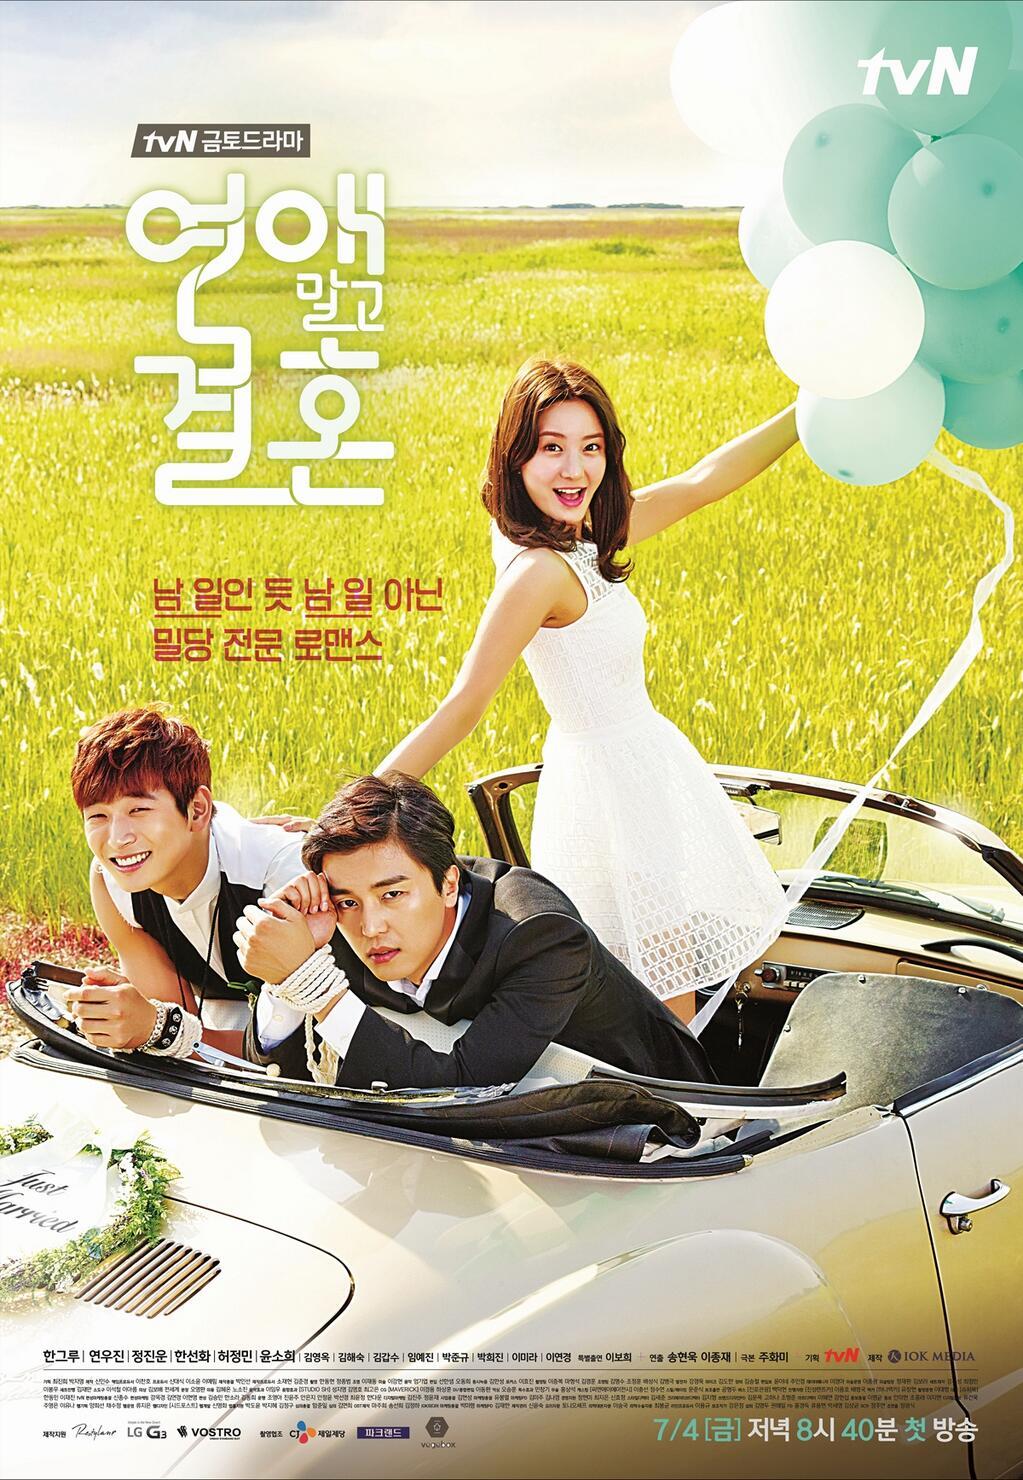 ENG] Secret Han Sunhwa Sunhwa snížit manželství Není Dating EP 7.